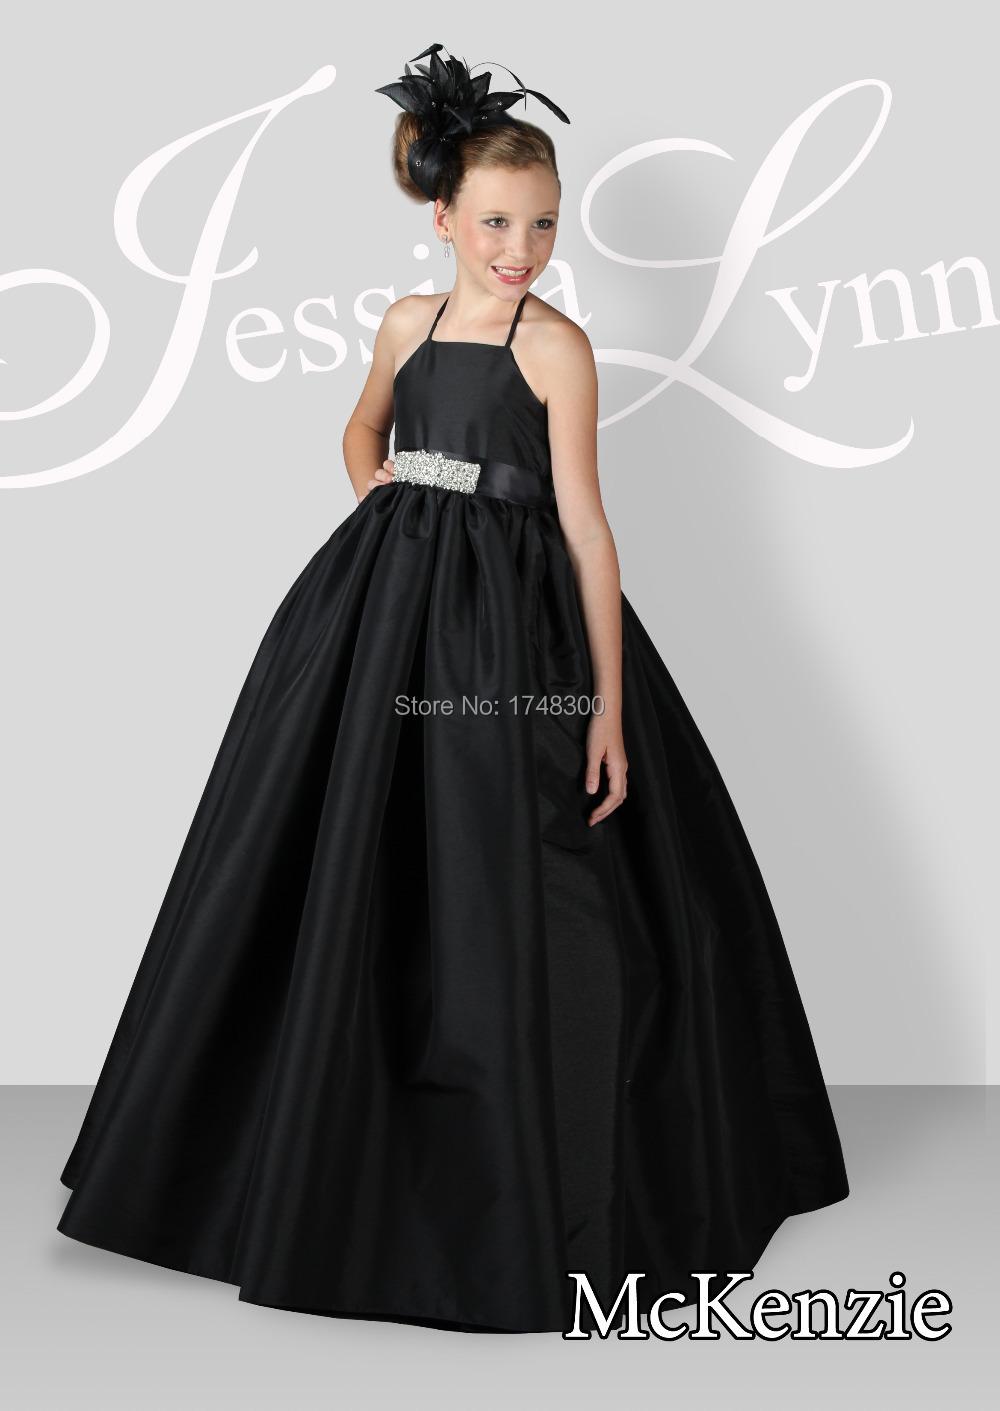 Black dress yellow sash - Formal Black Satin Halter A Line Long Flower Girl Dresses Beading Sash Floor Length Sleeveless Girl S